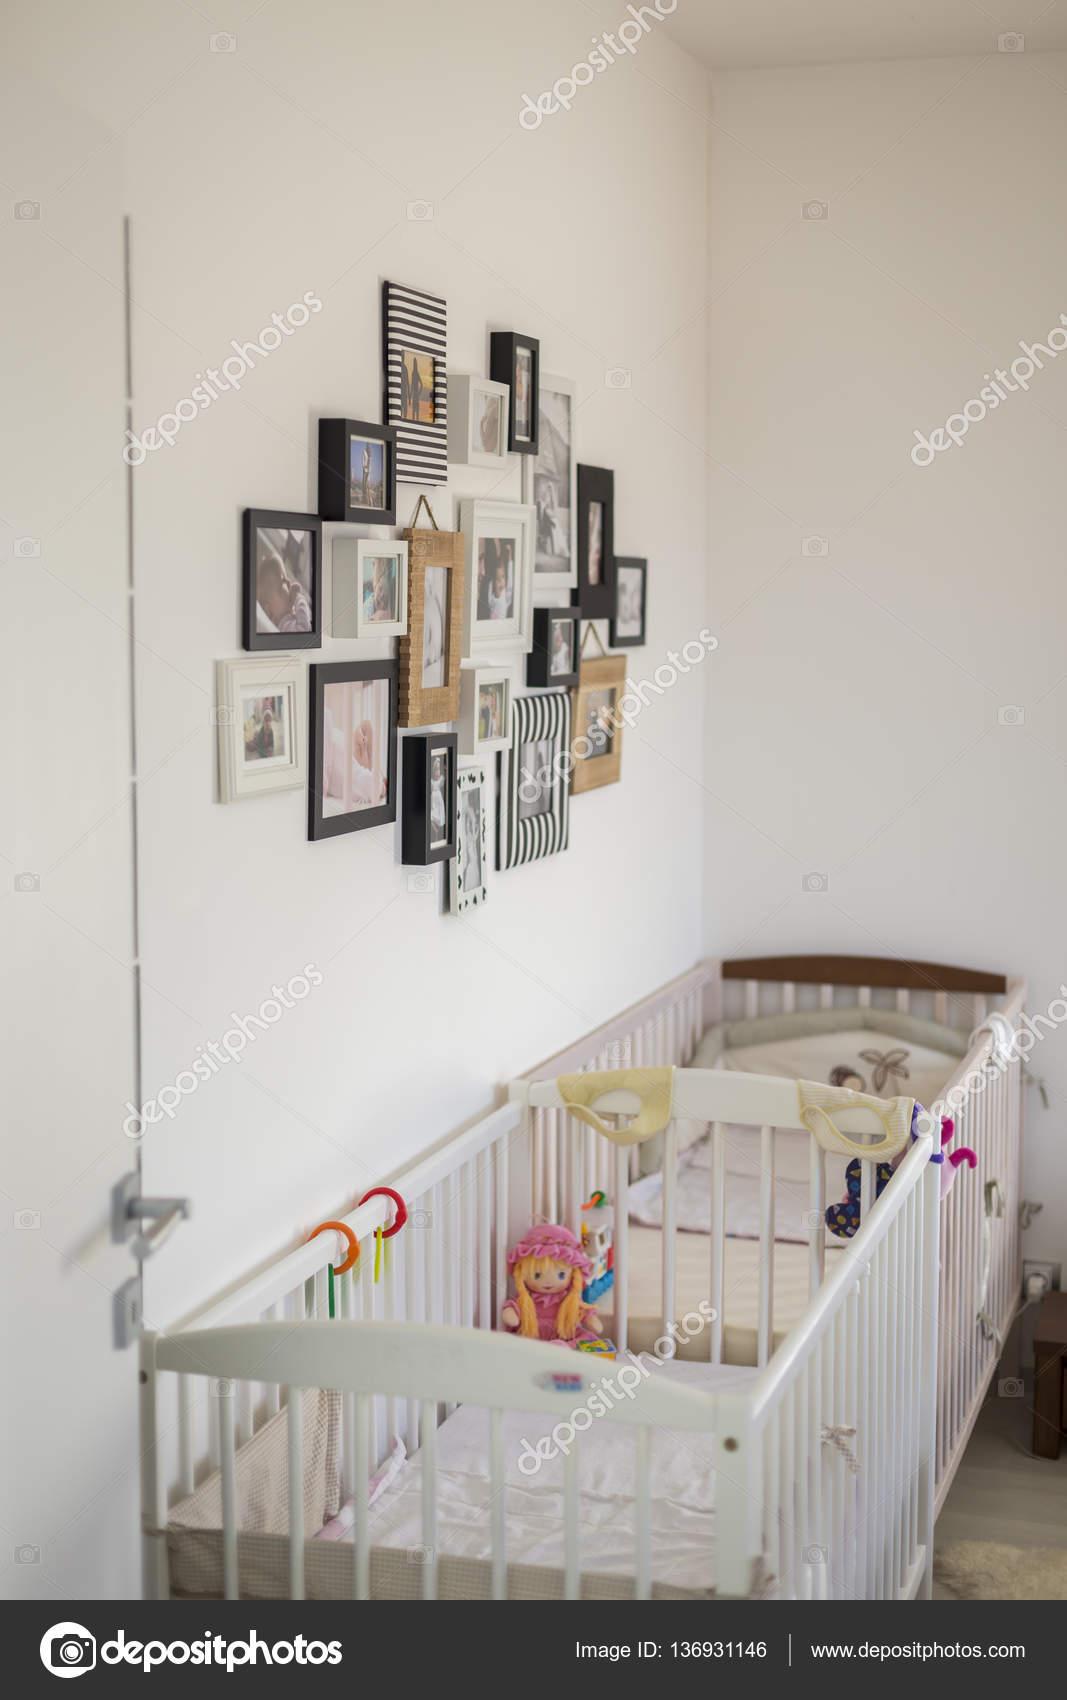 Schlafzimmer Mit Fotos In Verschiedenen Bilderrahmen Stockfoto